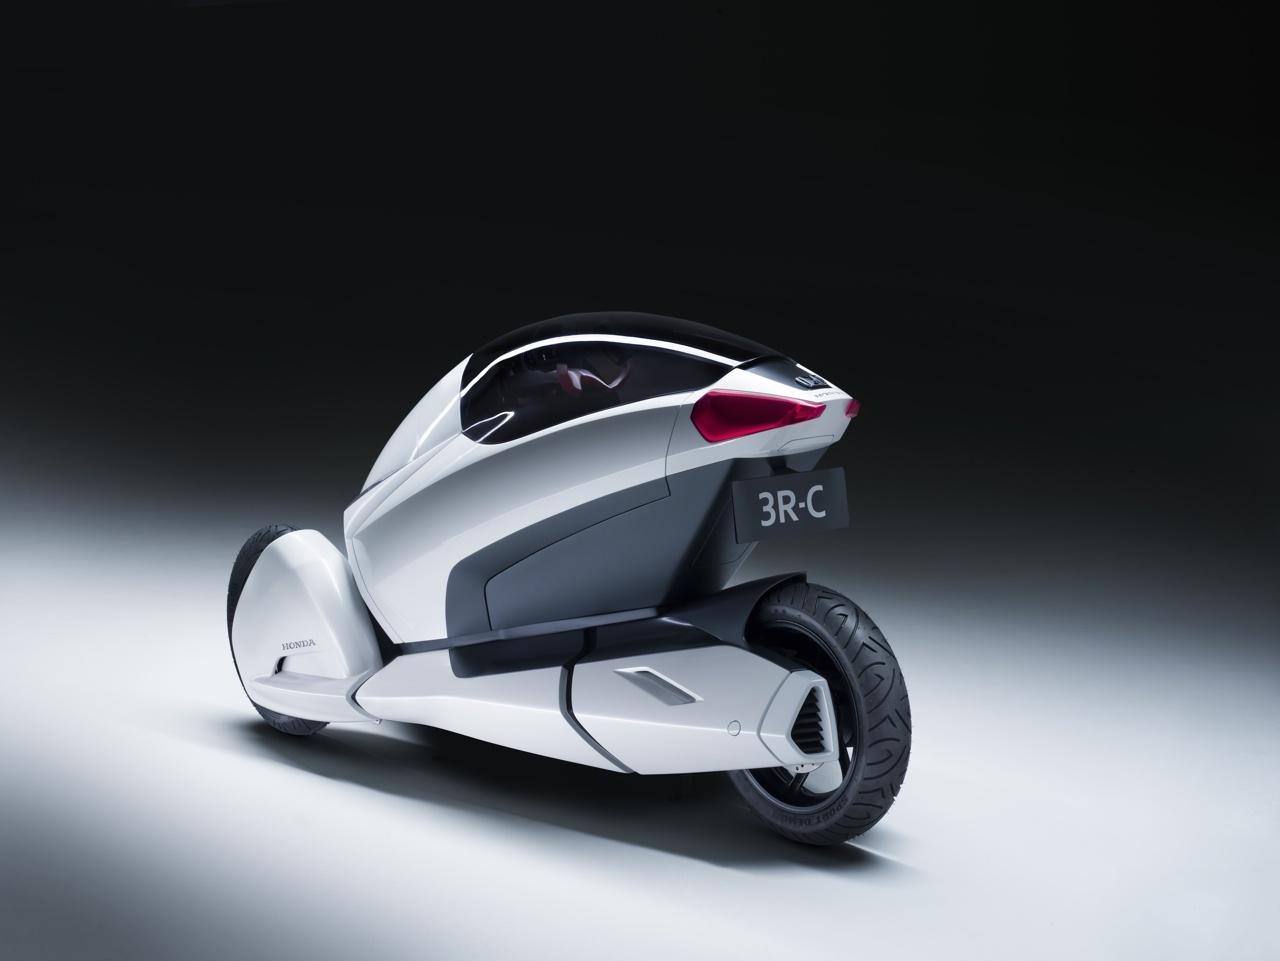 Концепт персонального транспортного средства 3R-C от Honda